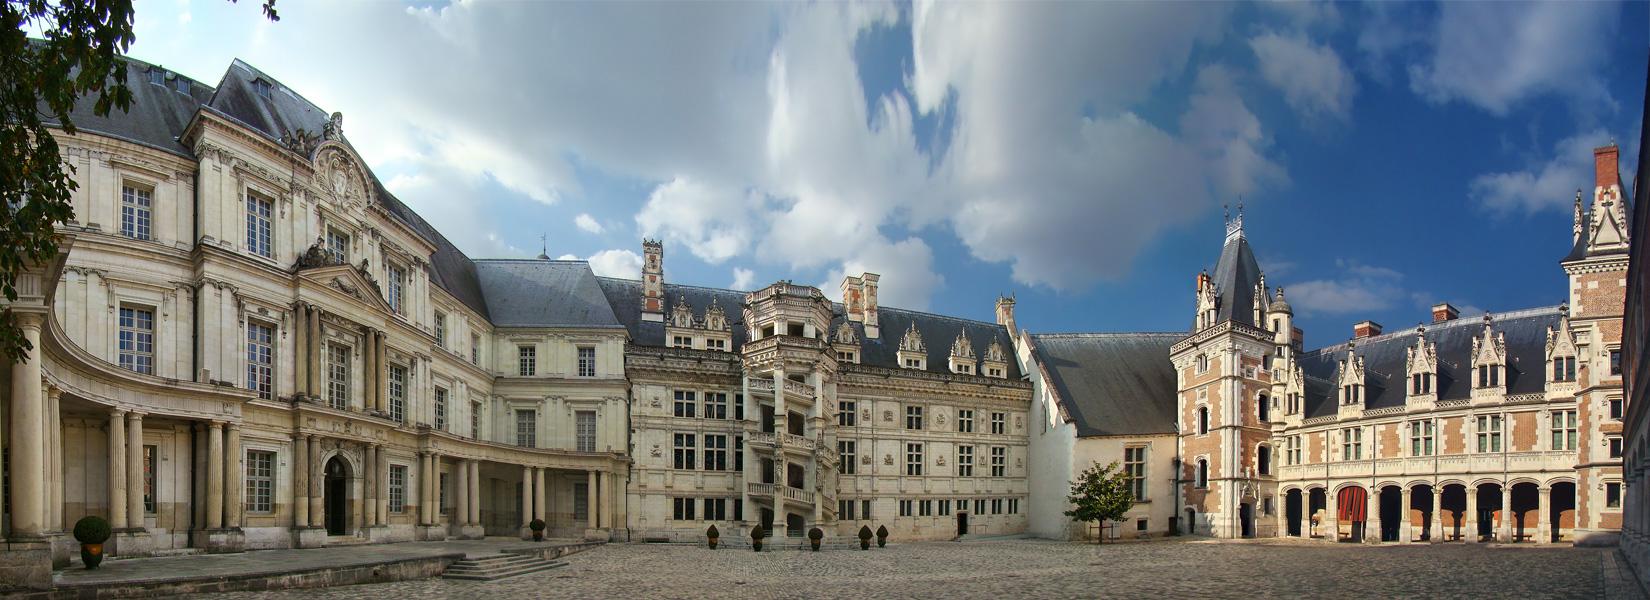 Image result for chateau de blois